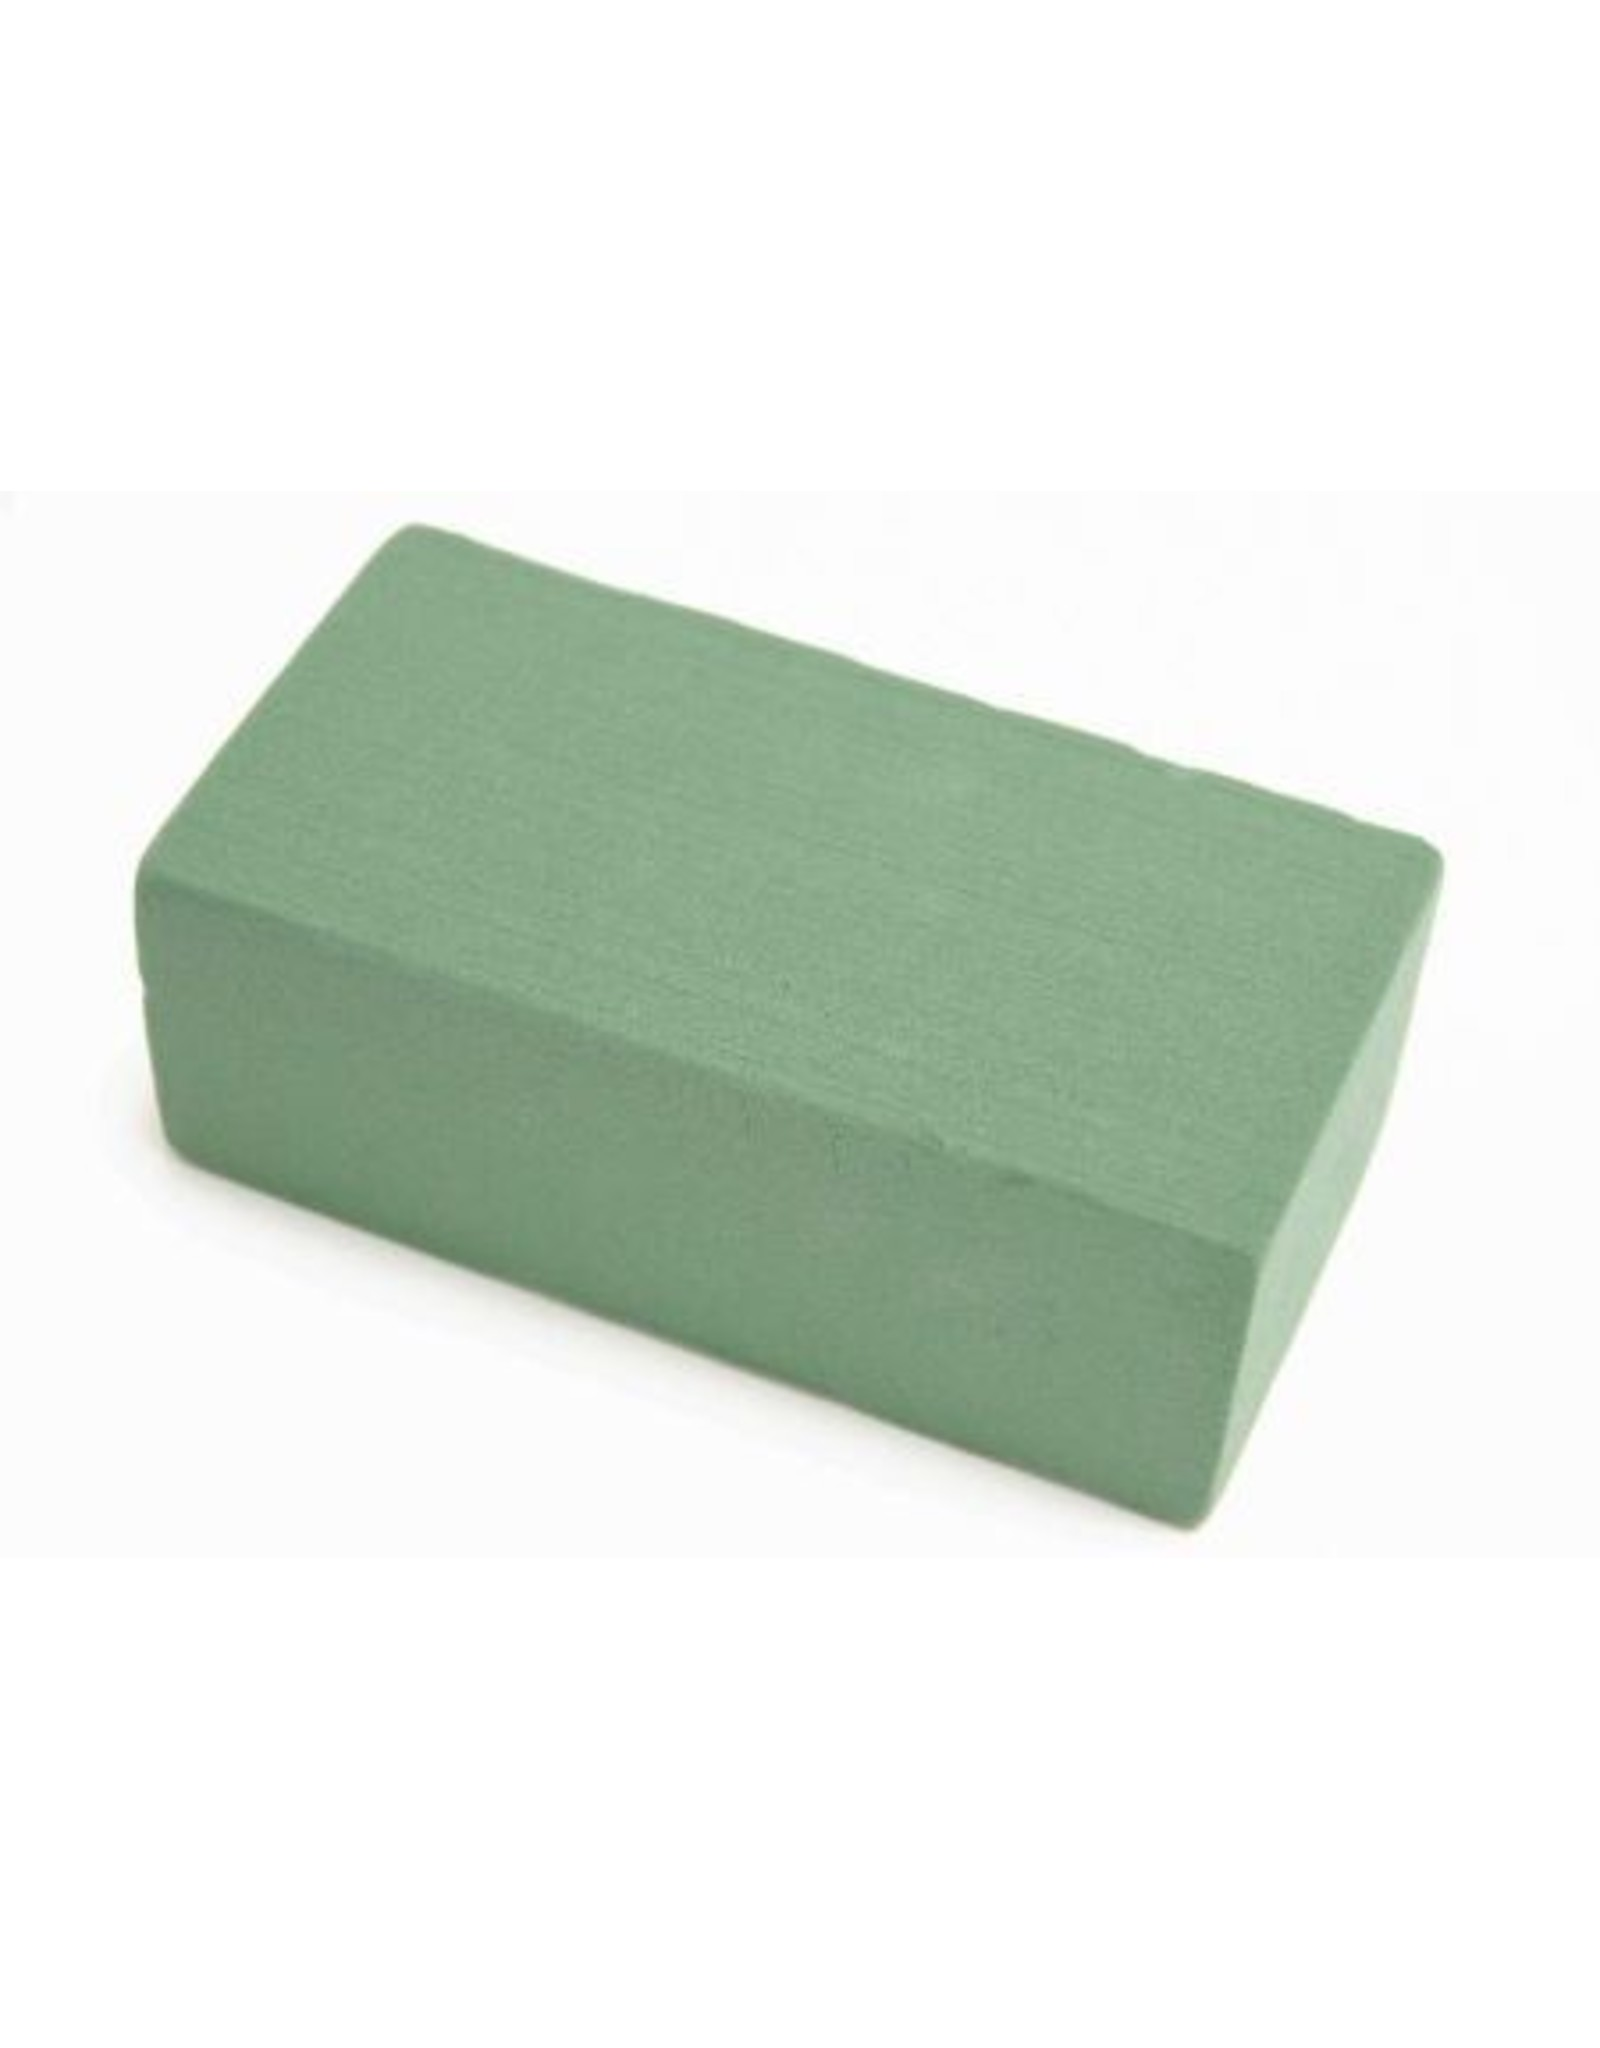 HD Basic Brick Sld Foam L23.0w11.0h8.0 x 20